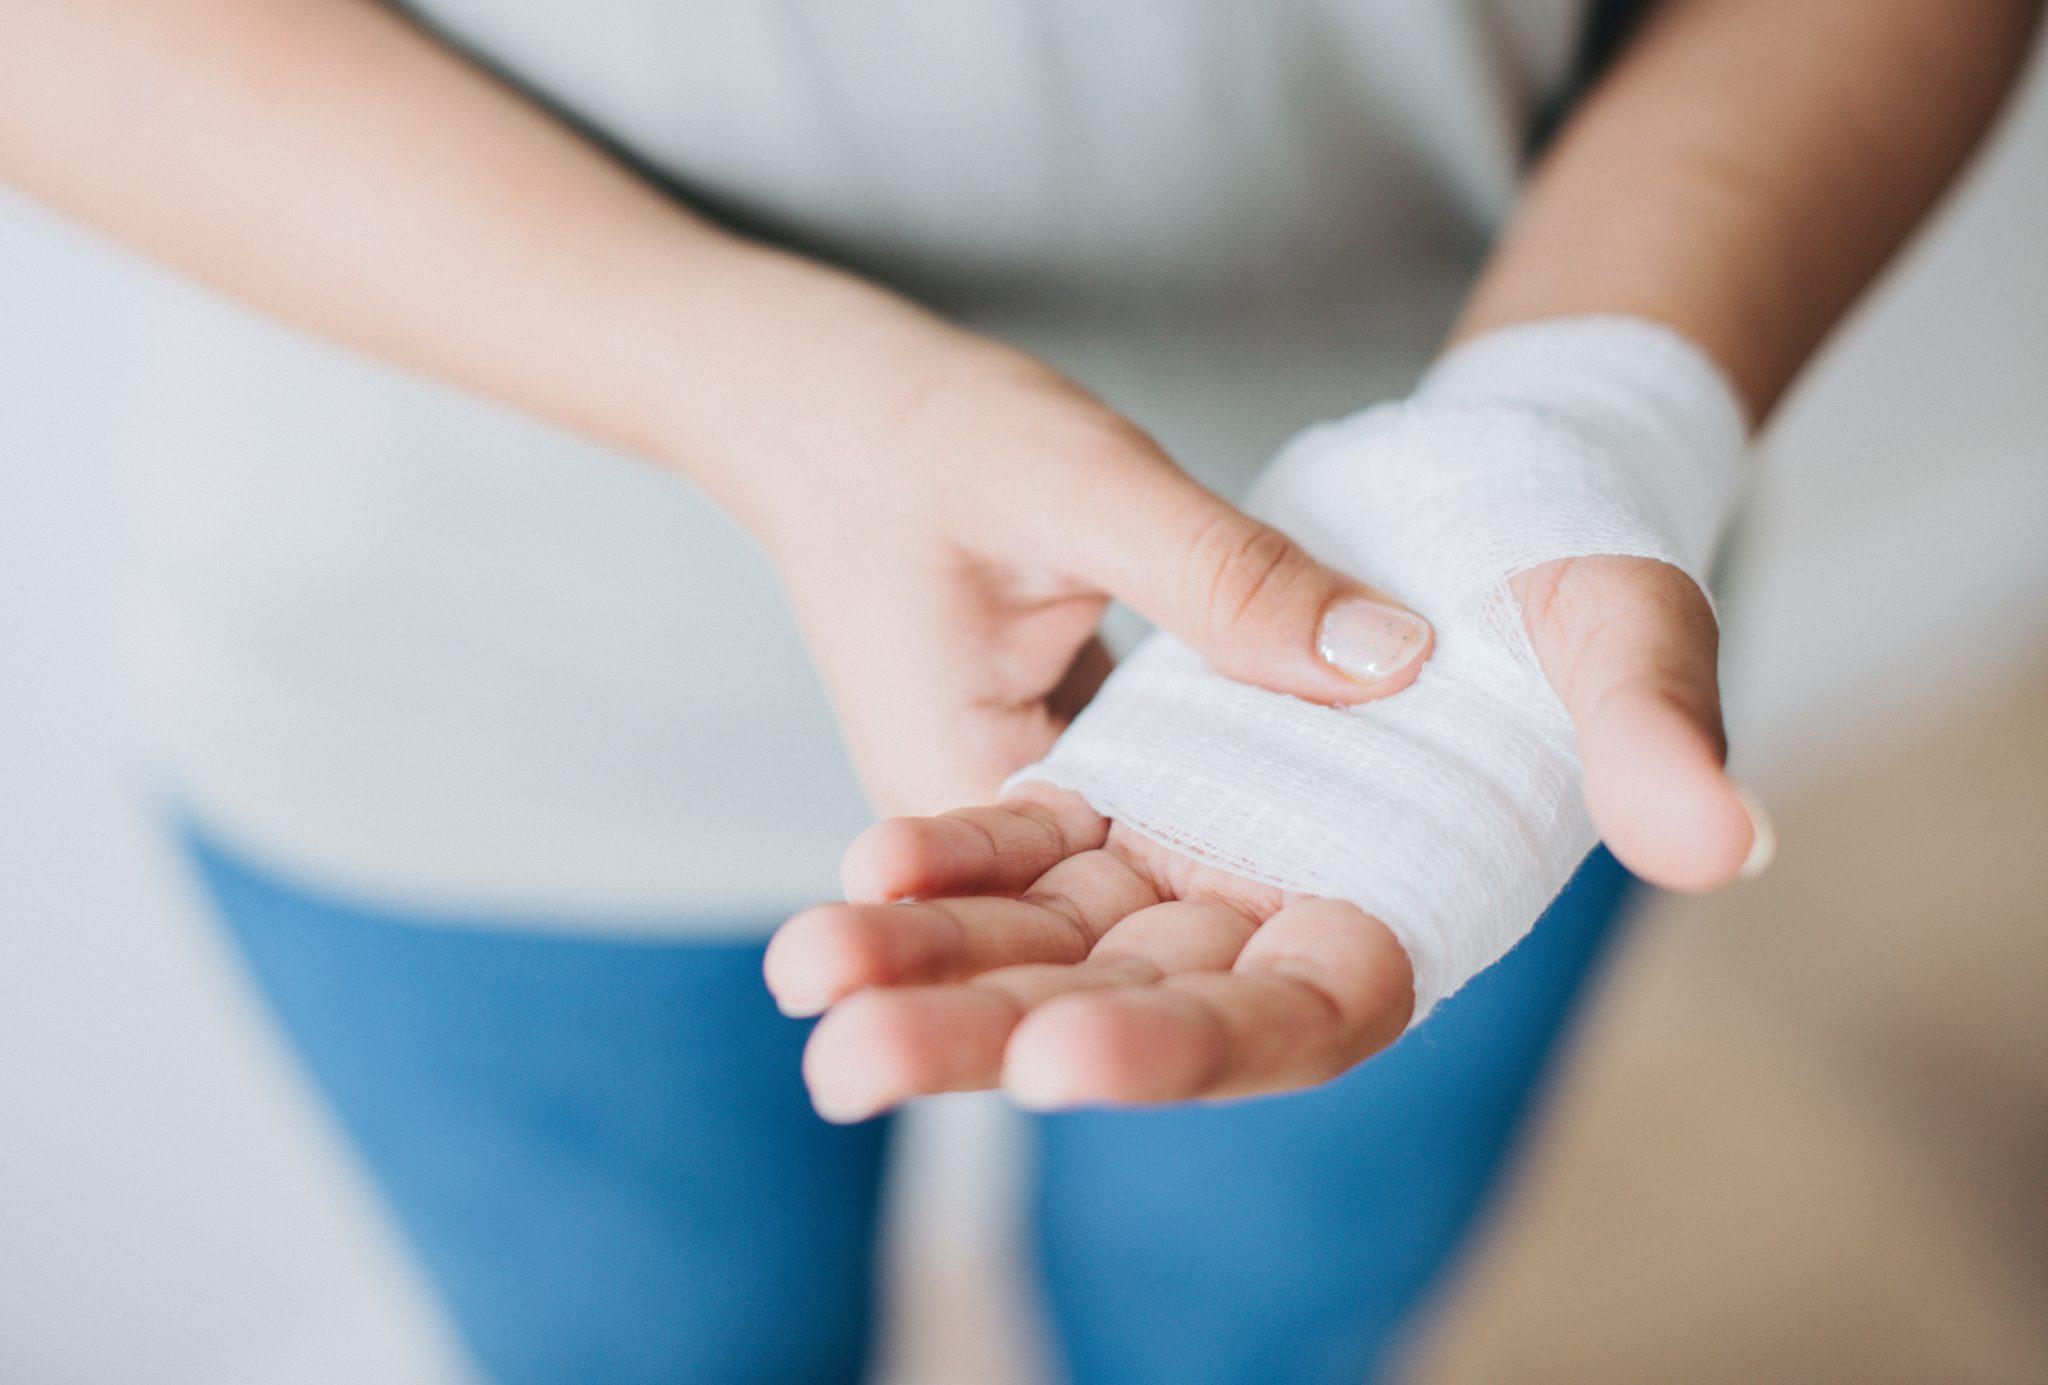 Capsaicin for arthritis pain